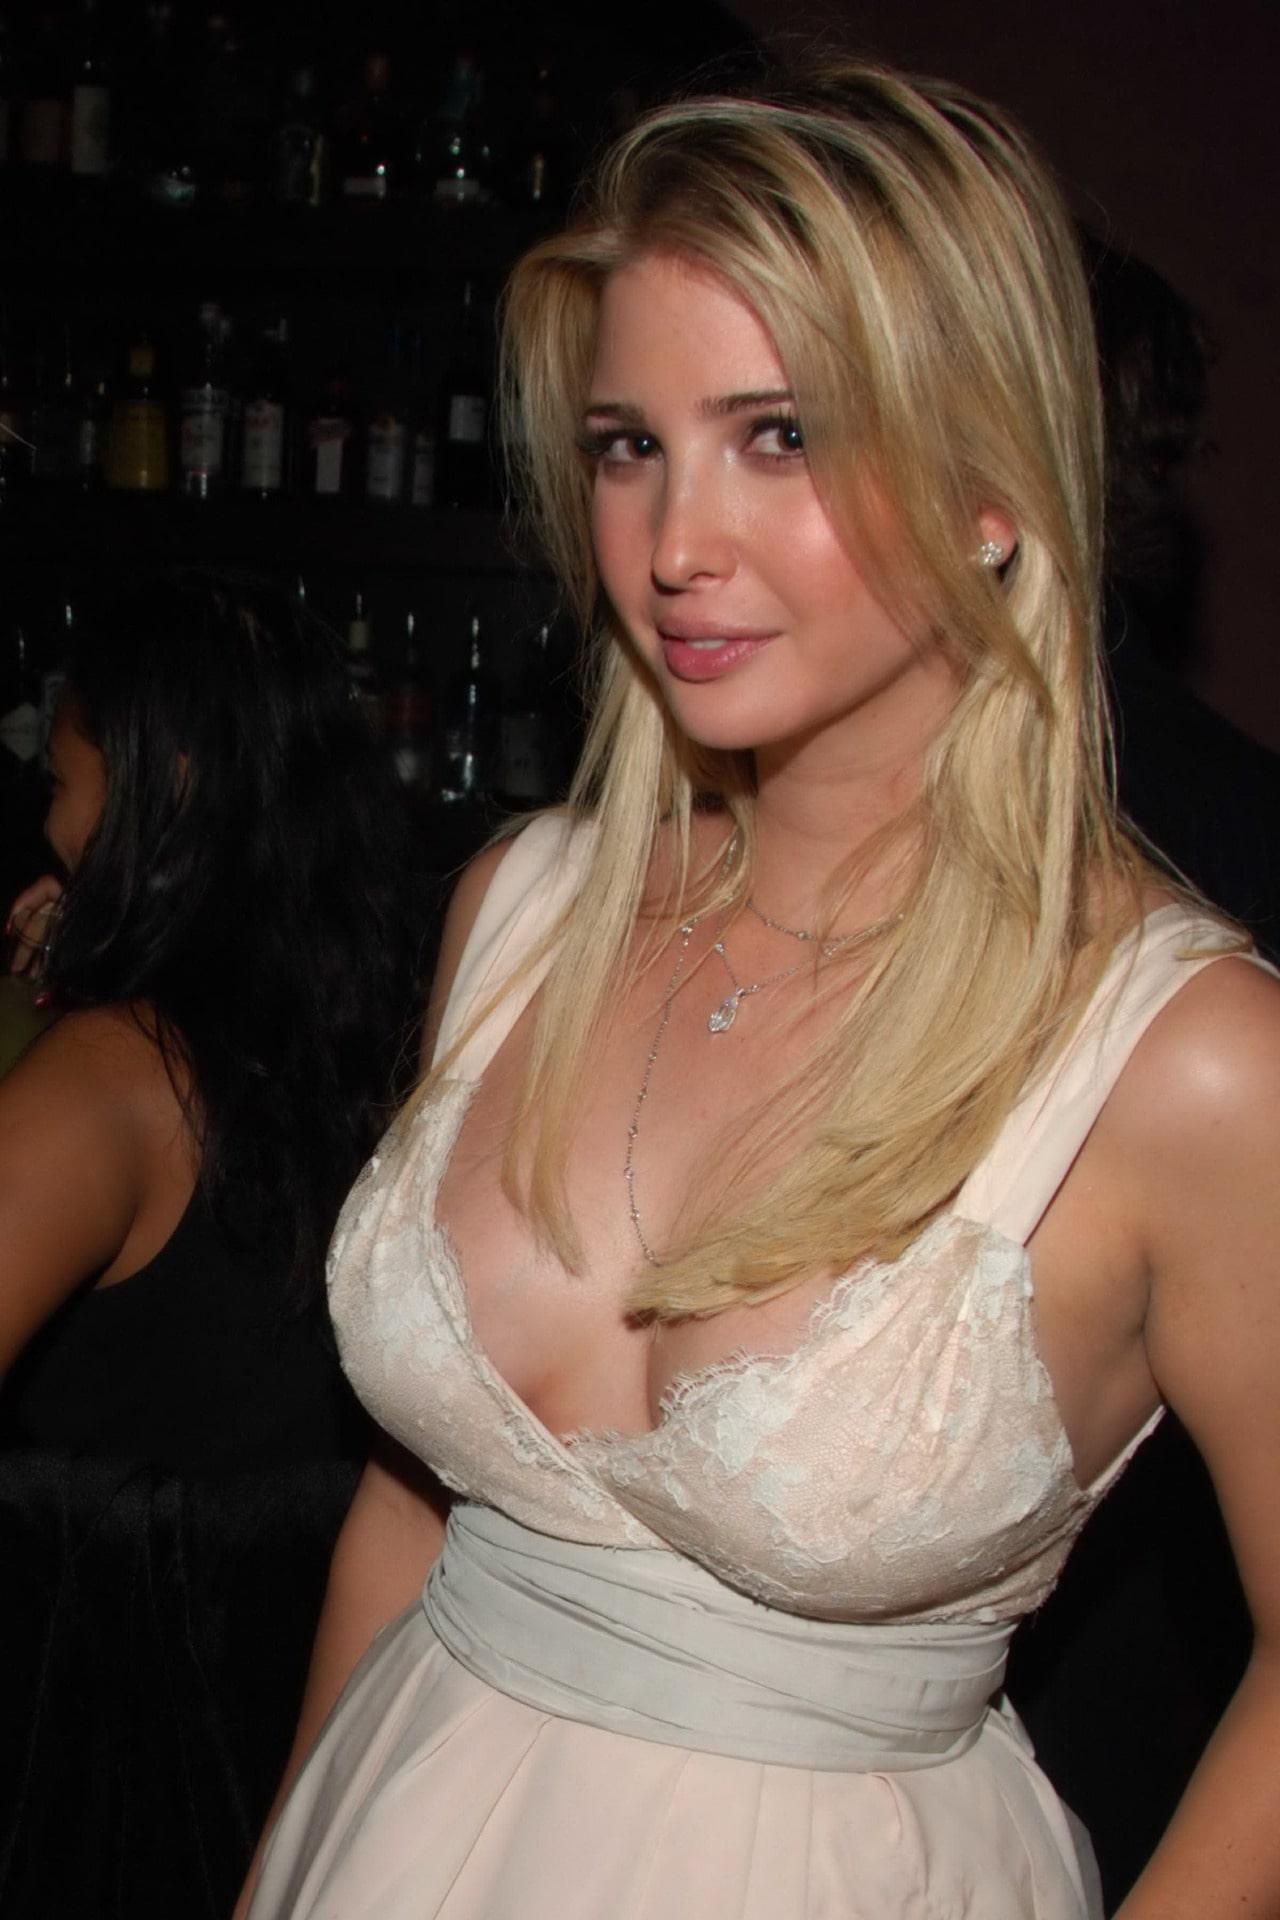 ivanka trump boobs